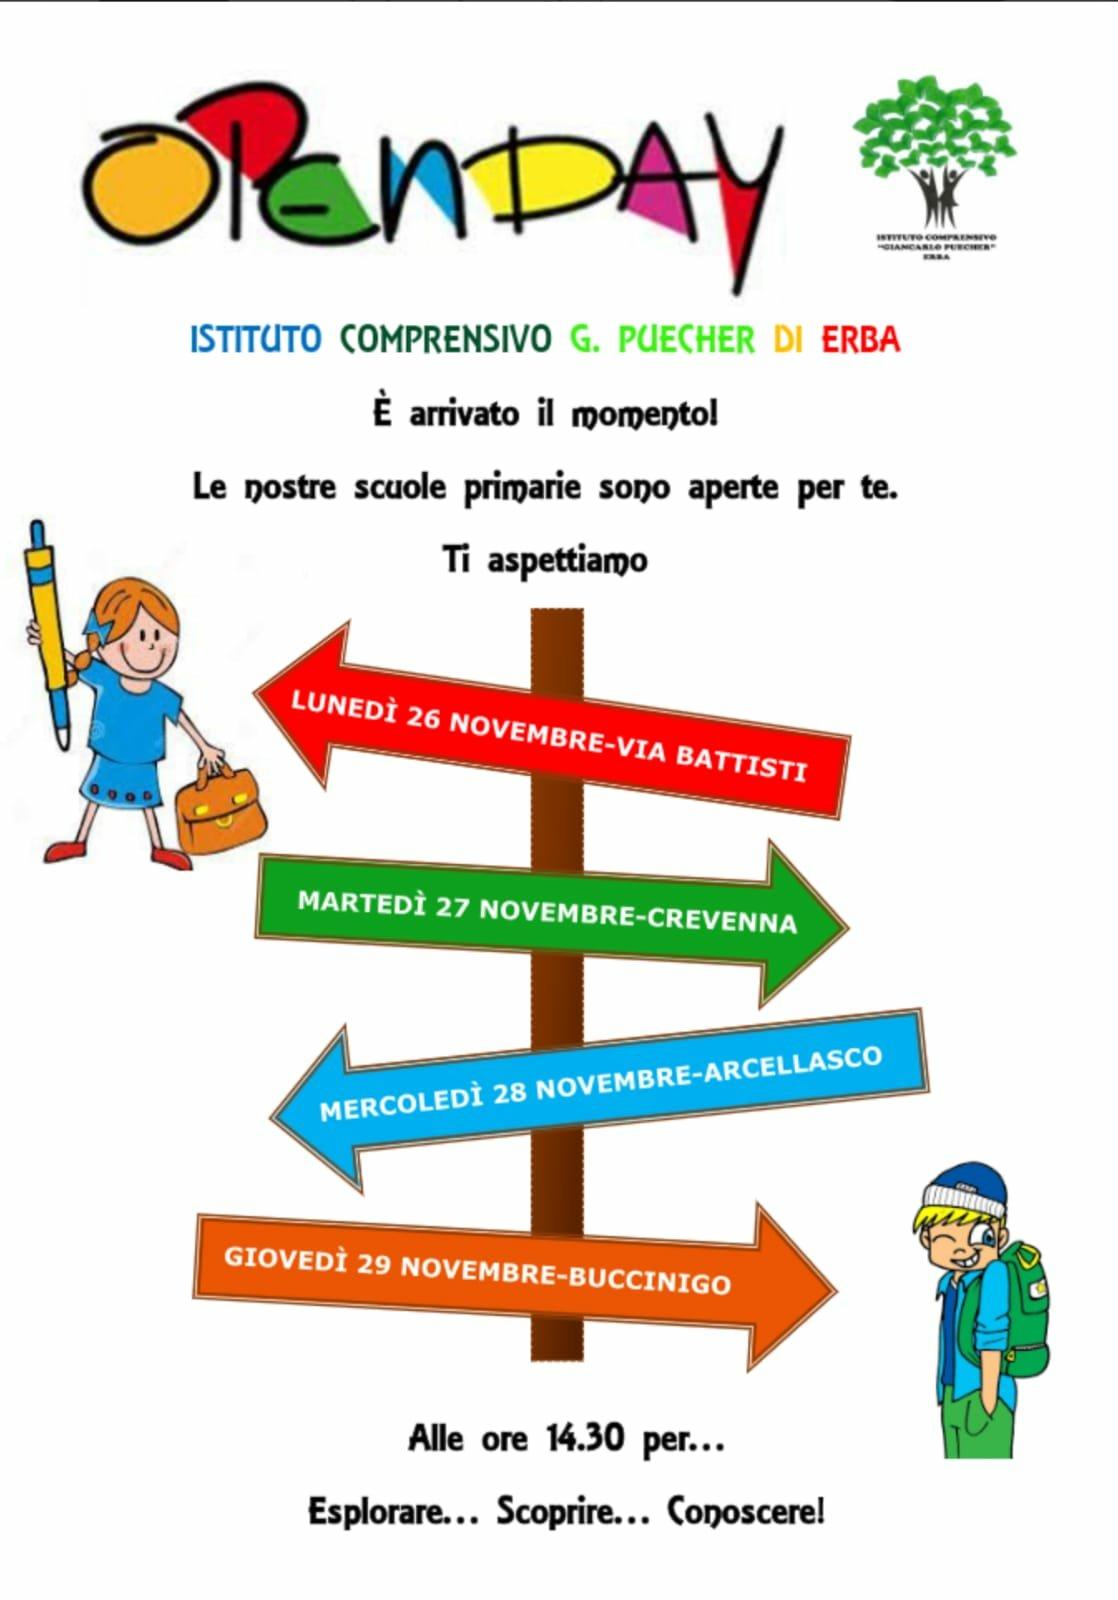 Open Day Scuole Primarie Istituto Comprensivo G Puecher